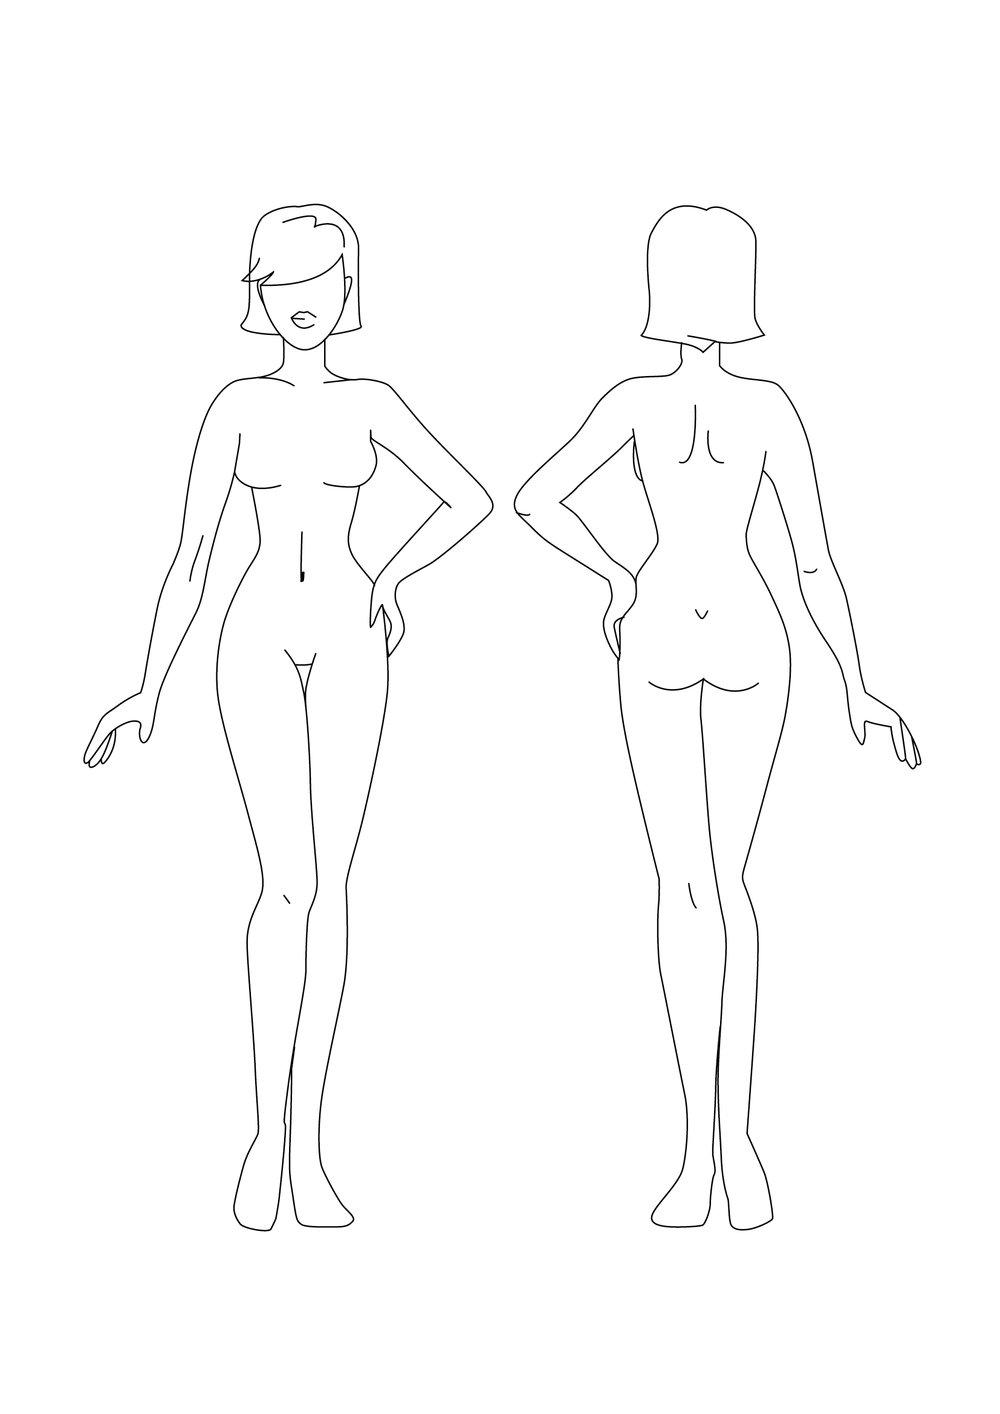 måleskema cellulite type